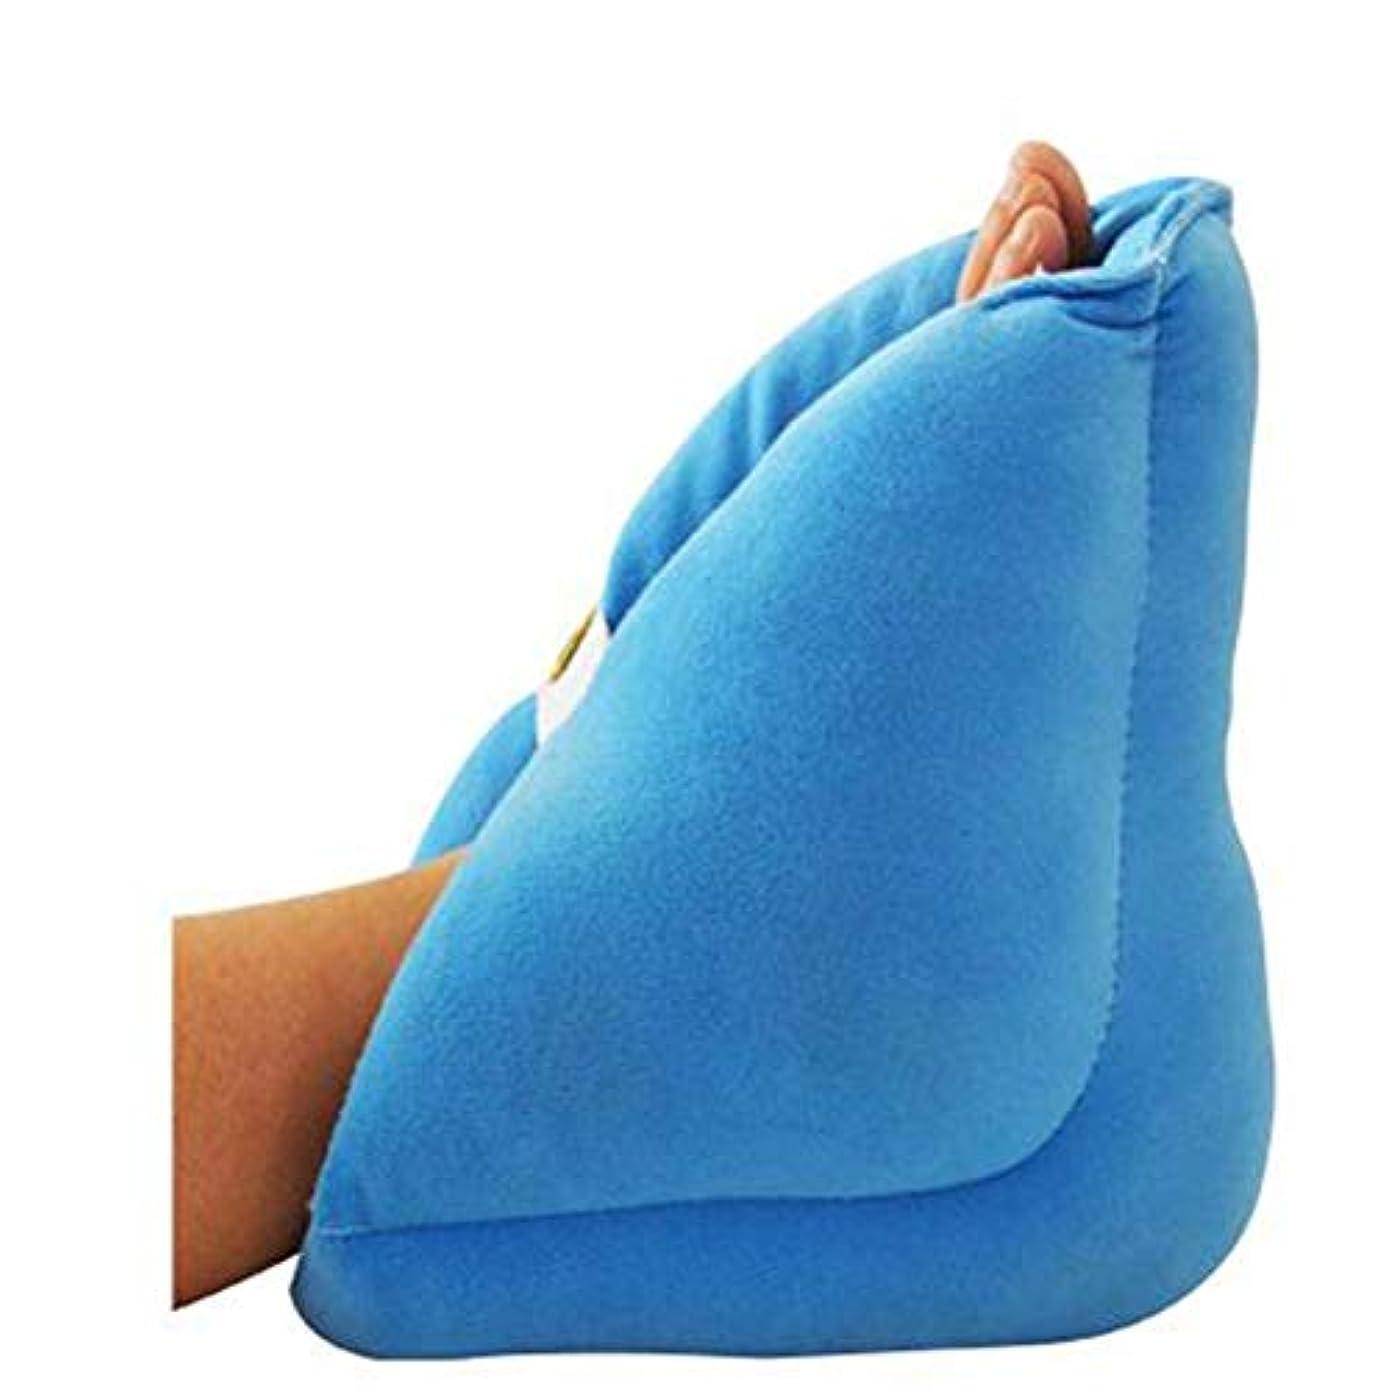 伴うに話すマージン抗床ずれヒールプロテクター枕、圧力緩和ヒールプロテクター、患者ケアヒールパッド足首プロテクタークッション、効果的な床ずれおよび足潰瘍緩和フットピロー (2PCS)